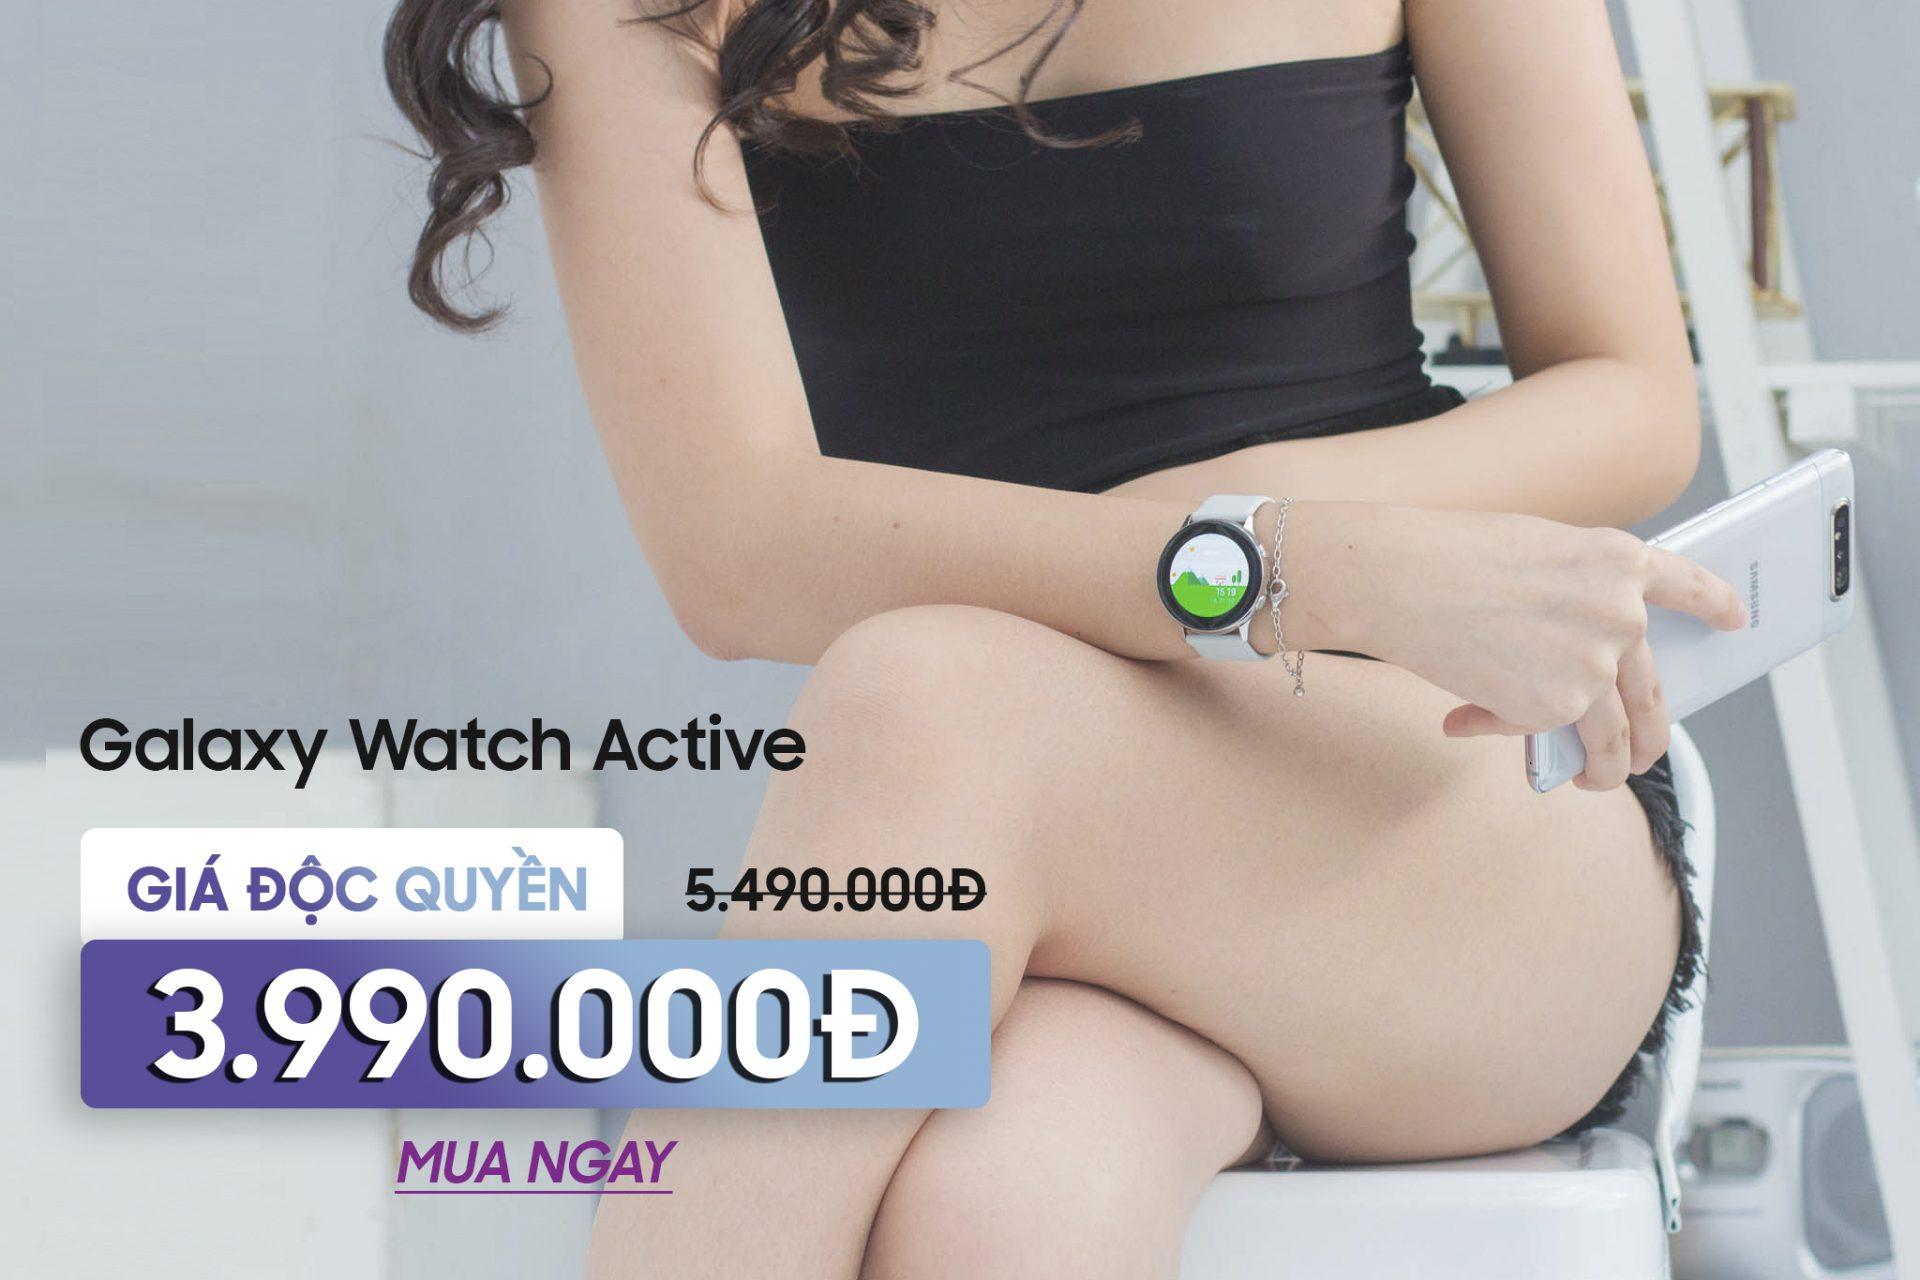 Đây là chiếc smartwatch giảm sốc 30% mà anh em không nên bỏ qua!